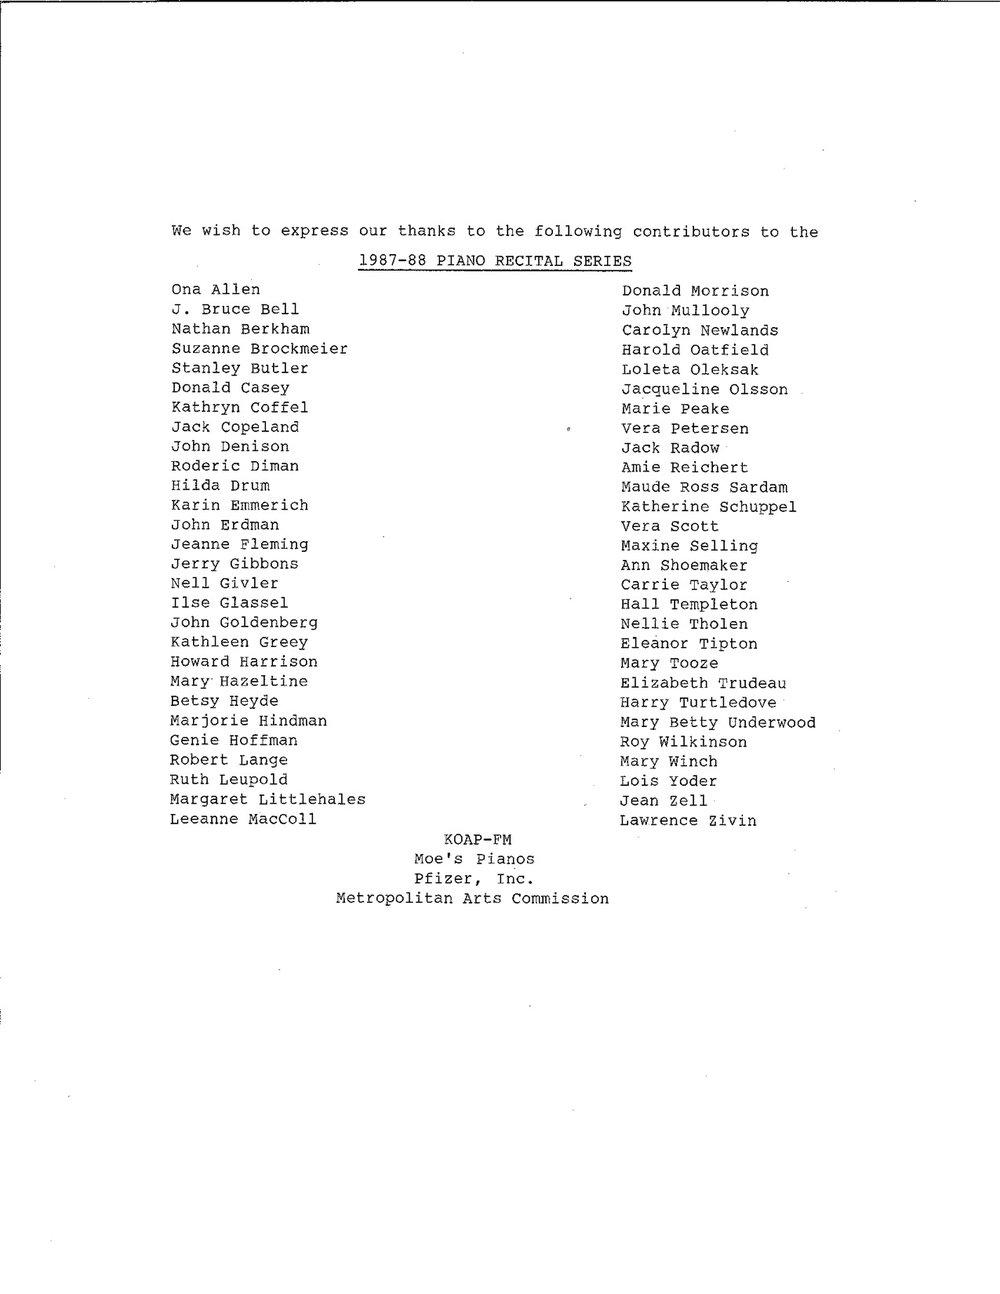 Tahmisian87-88_Program4.jpg